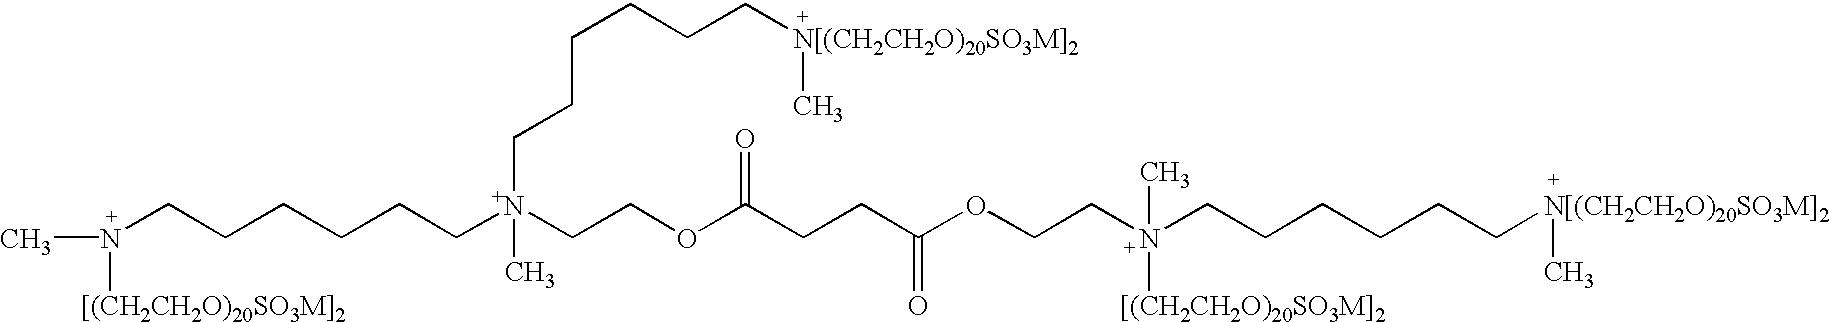 Figure US06472359-20021029-C00020